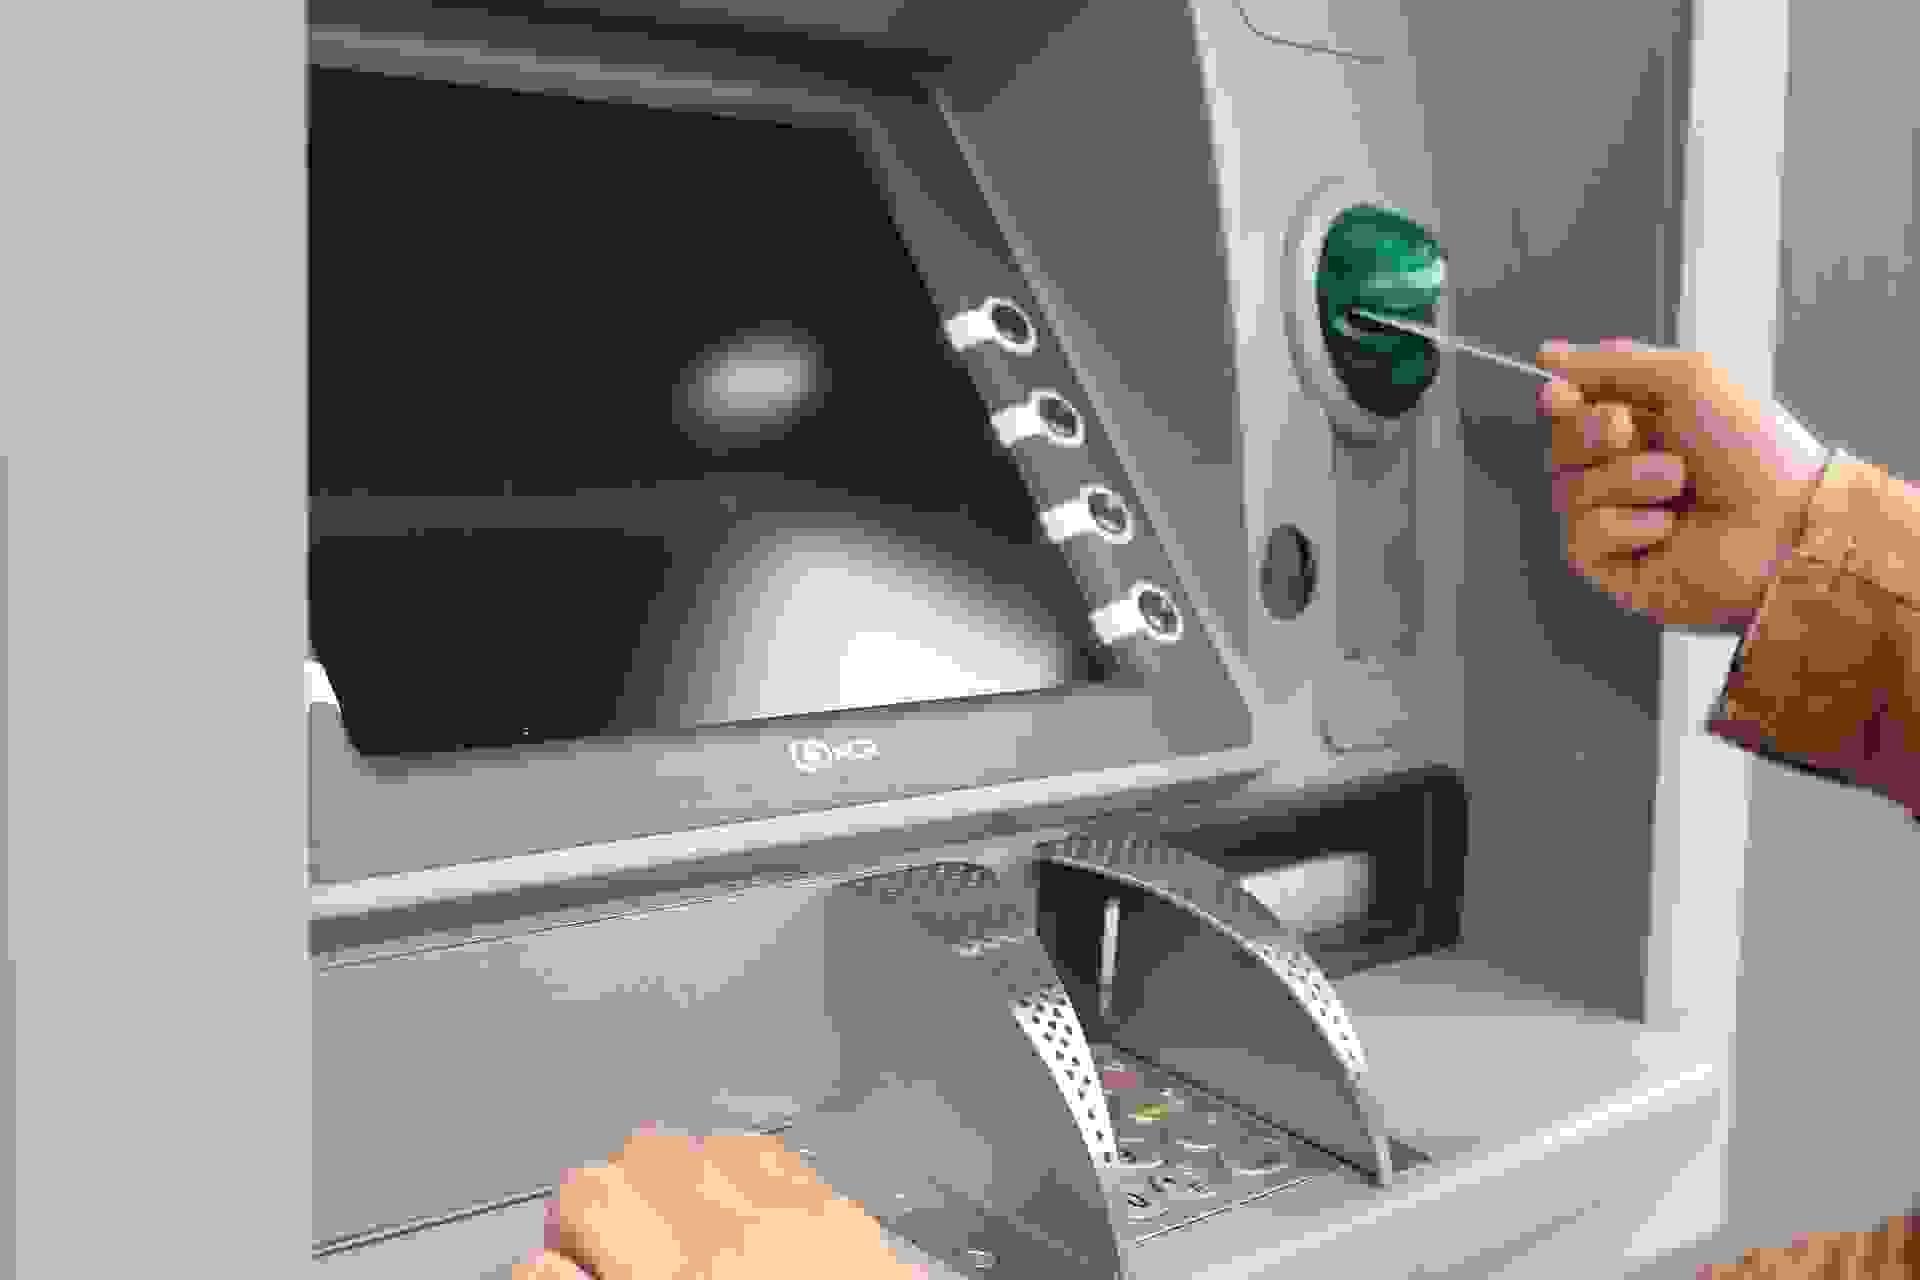 В Новороссийске мужчина украл 24 тысячи рублей, которые забыли в лотке банкомата